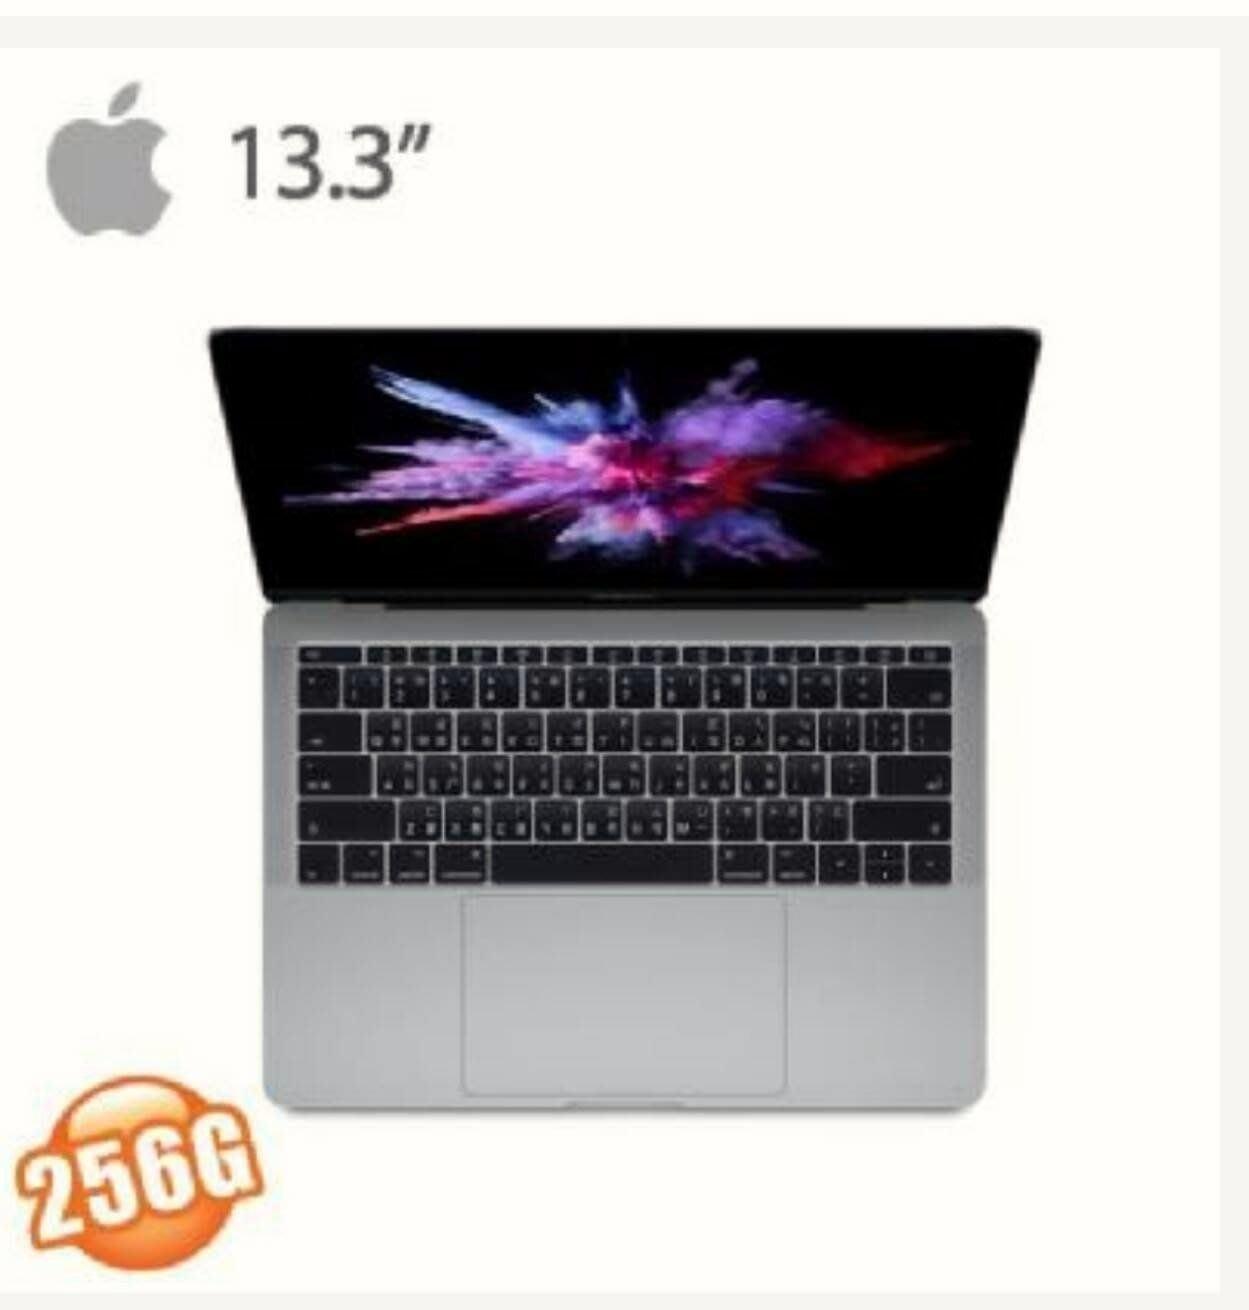 Apple Macbook Pro Retina 13.3/2.3GHz/8GB/256GB 太空灰 MPXT2TA/A